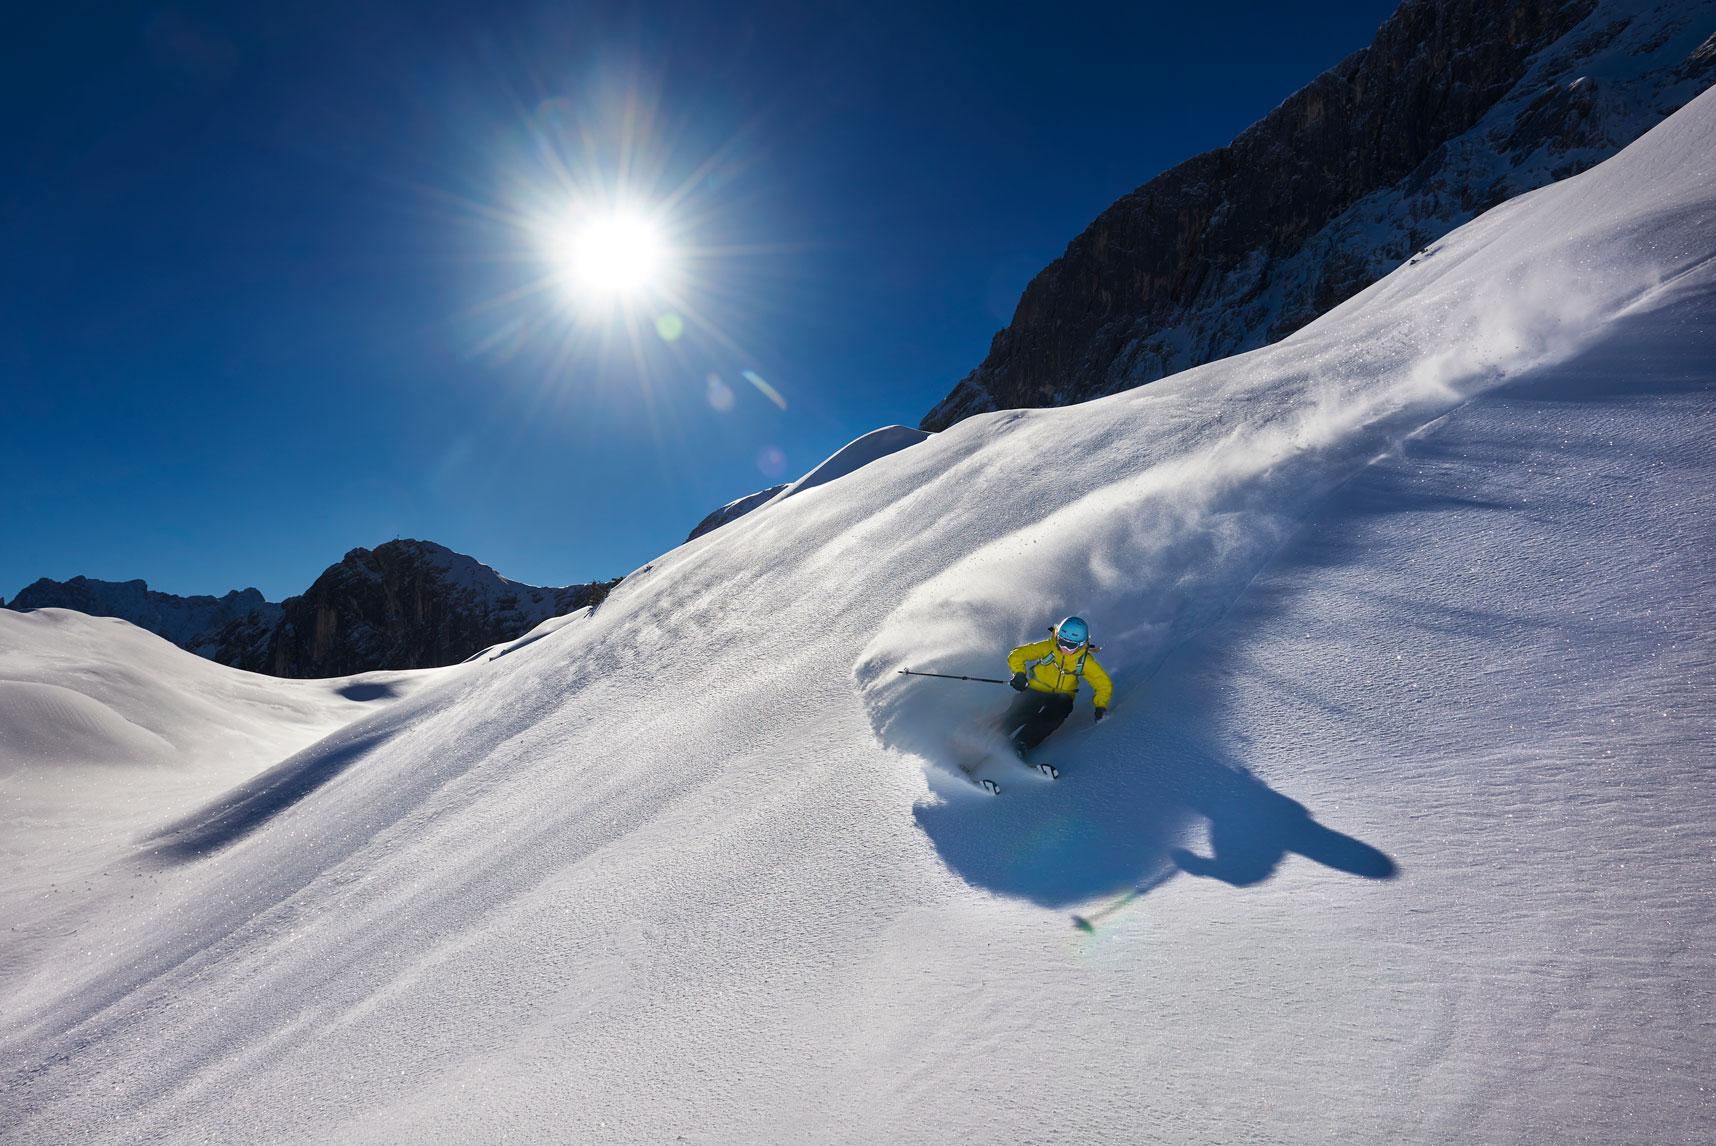 Michael_Reusse_caja-schoepf-freeriden-ski-munichmountaingirls_GAP_Ski_Osterfelder_Stuiben